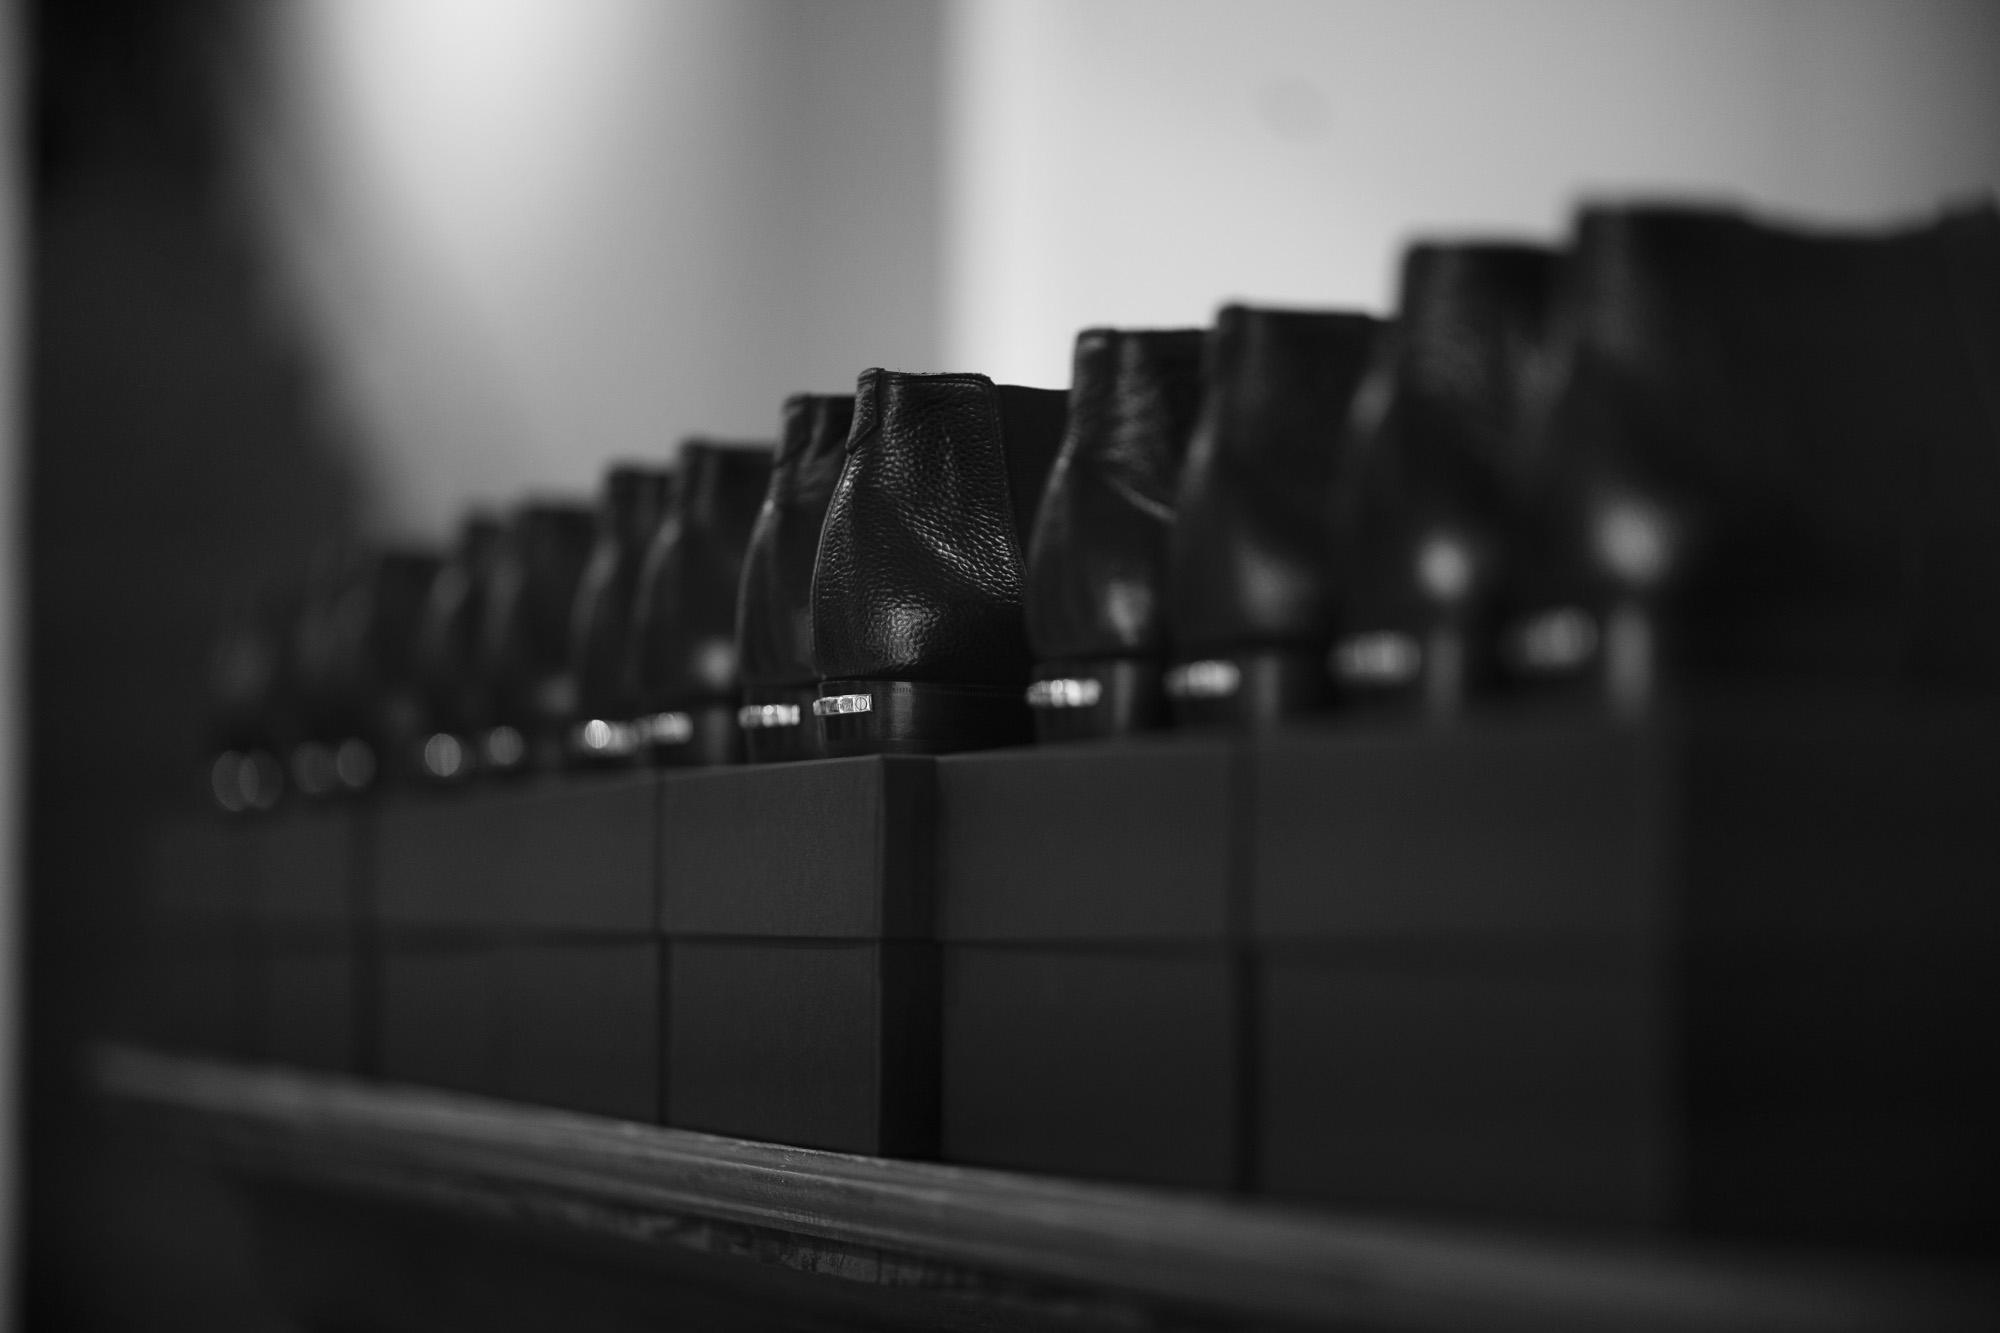 Georges de Patricia(ジョルジュ ド パトリシア) Diablo (ディアブロ) 925 STERLING SILVER (925 スターリングシルバー) Shrunken Calf (シュランケンカーフ) サイドゴアブーツ NOIR (ブラック) 2021 新作 【Special Boots】アルトエデリット ジョルジュドパトリシア ブーツ 超絶ブーツ ランボルギーニ ディアブロ lamborghini AUDEMARS PIGUET Royal Oak 26331ST オーデマピゲ ロイヤルオーク ステンレス クロノグラフ